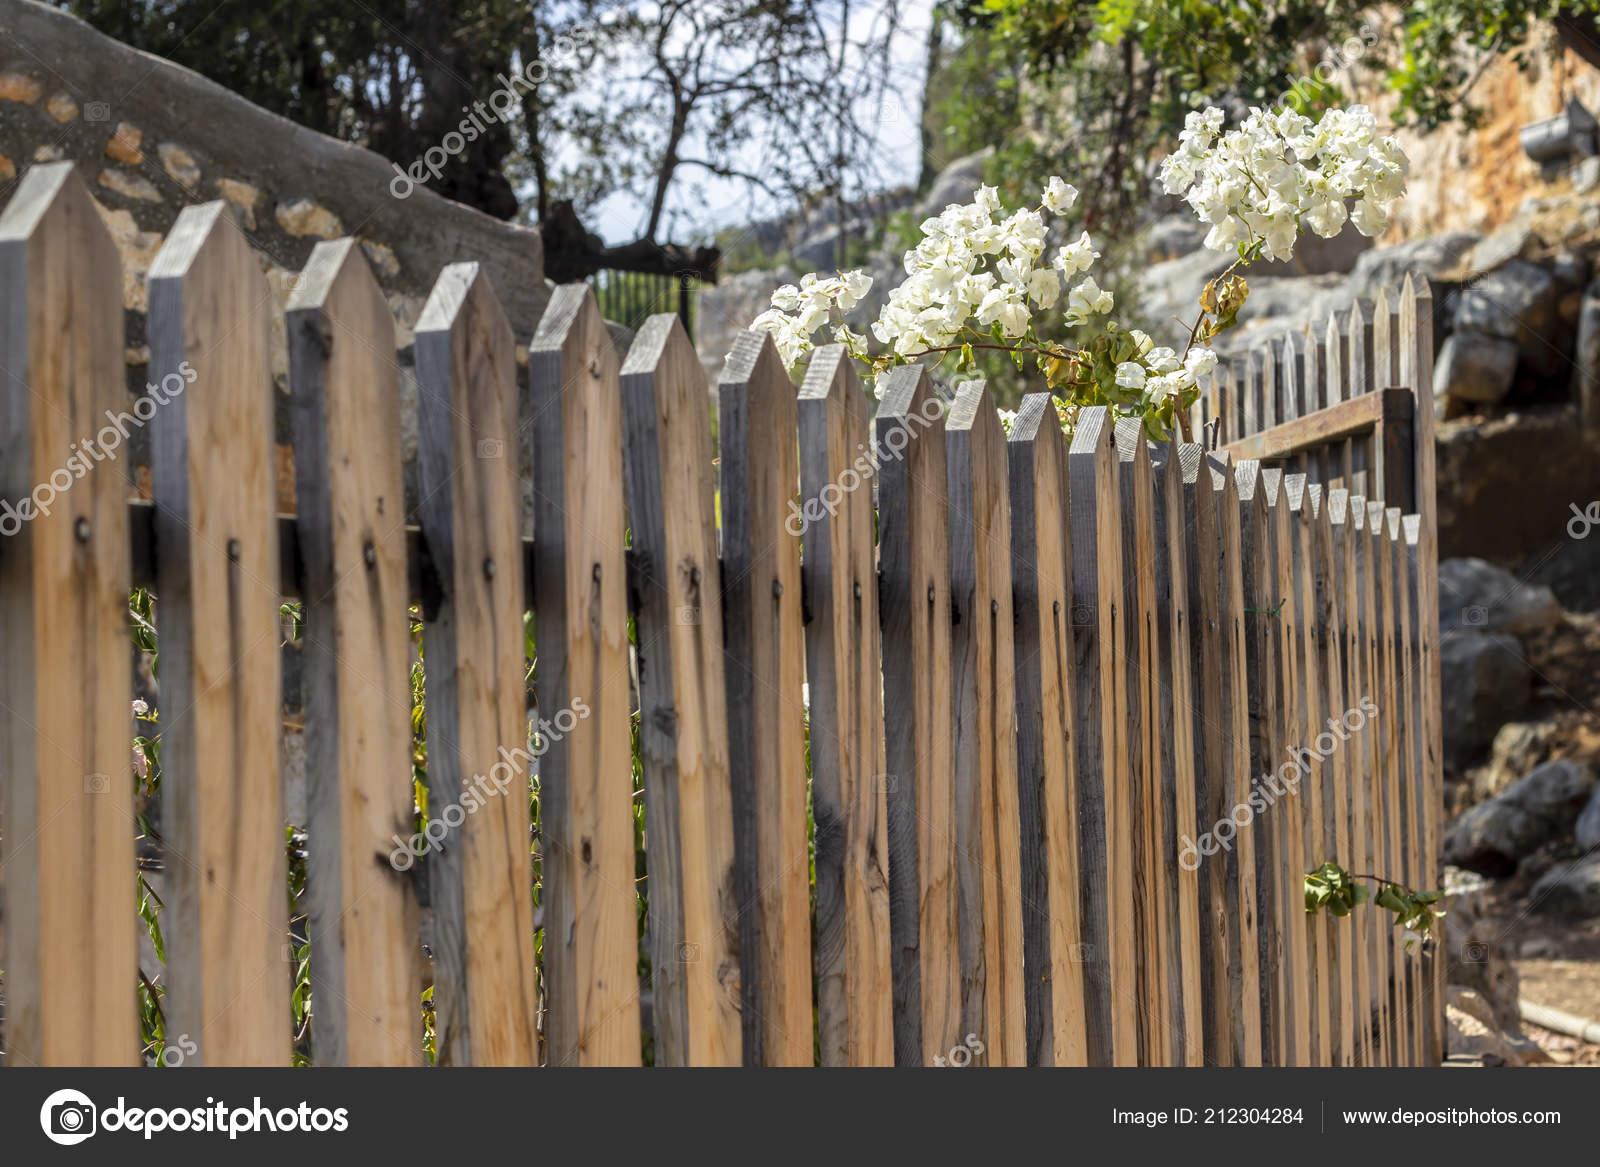 Recinzioni Legno Per Giardino.Tiro Prospettiva Recinzioni Legno Vecchi Giardino Con Sfondo Sfocato